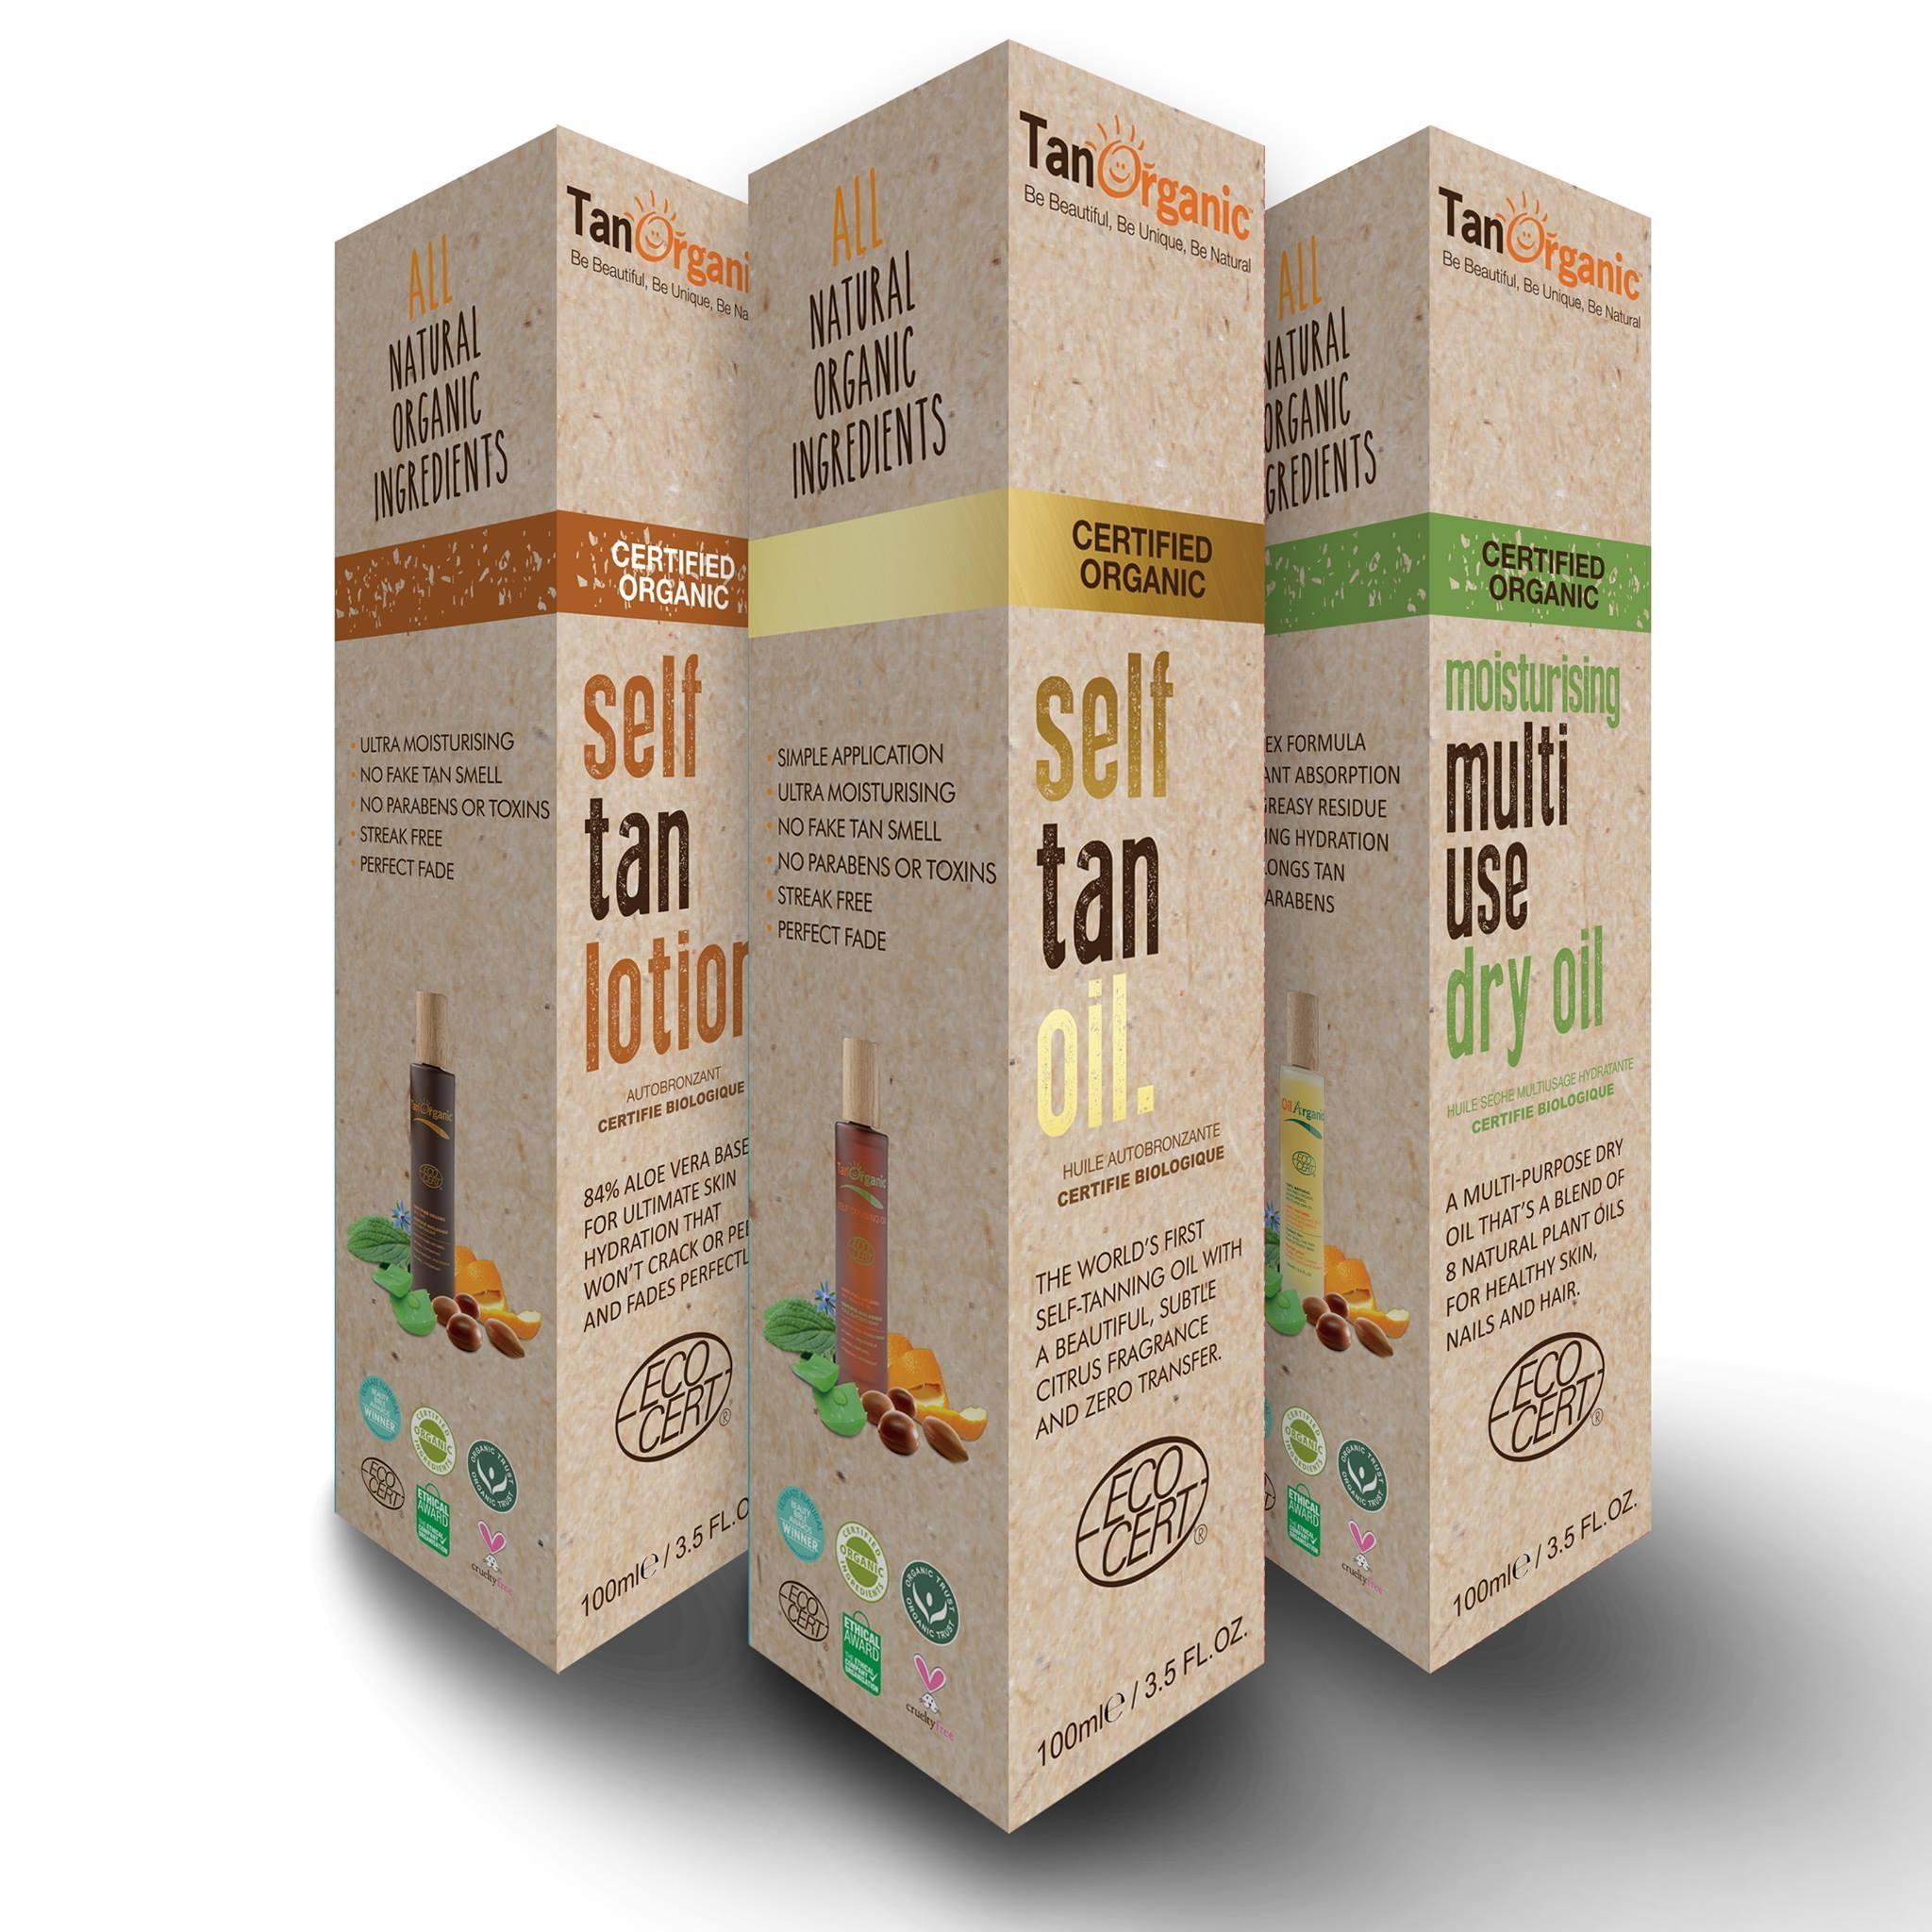 Tan Organic product.